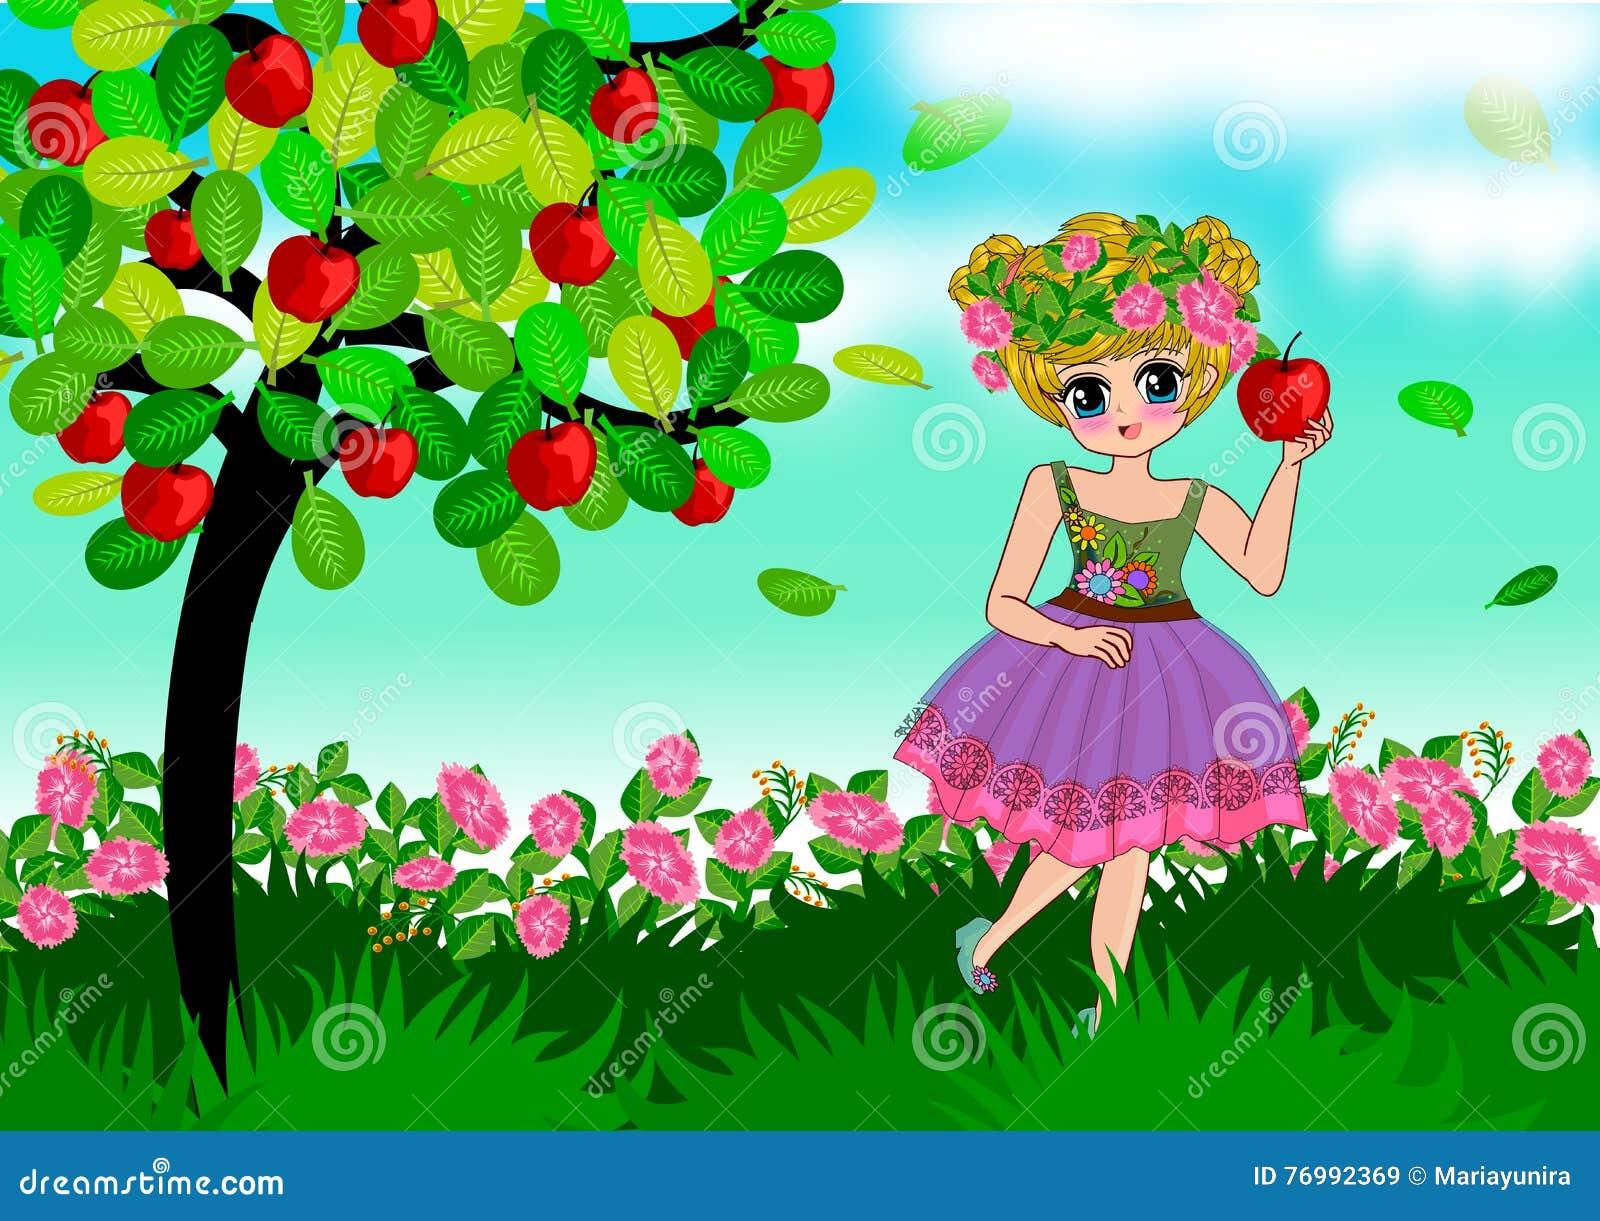 Little Girl Apple Tree Stock Illustrations – 102 Little Girl Apple ...